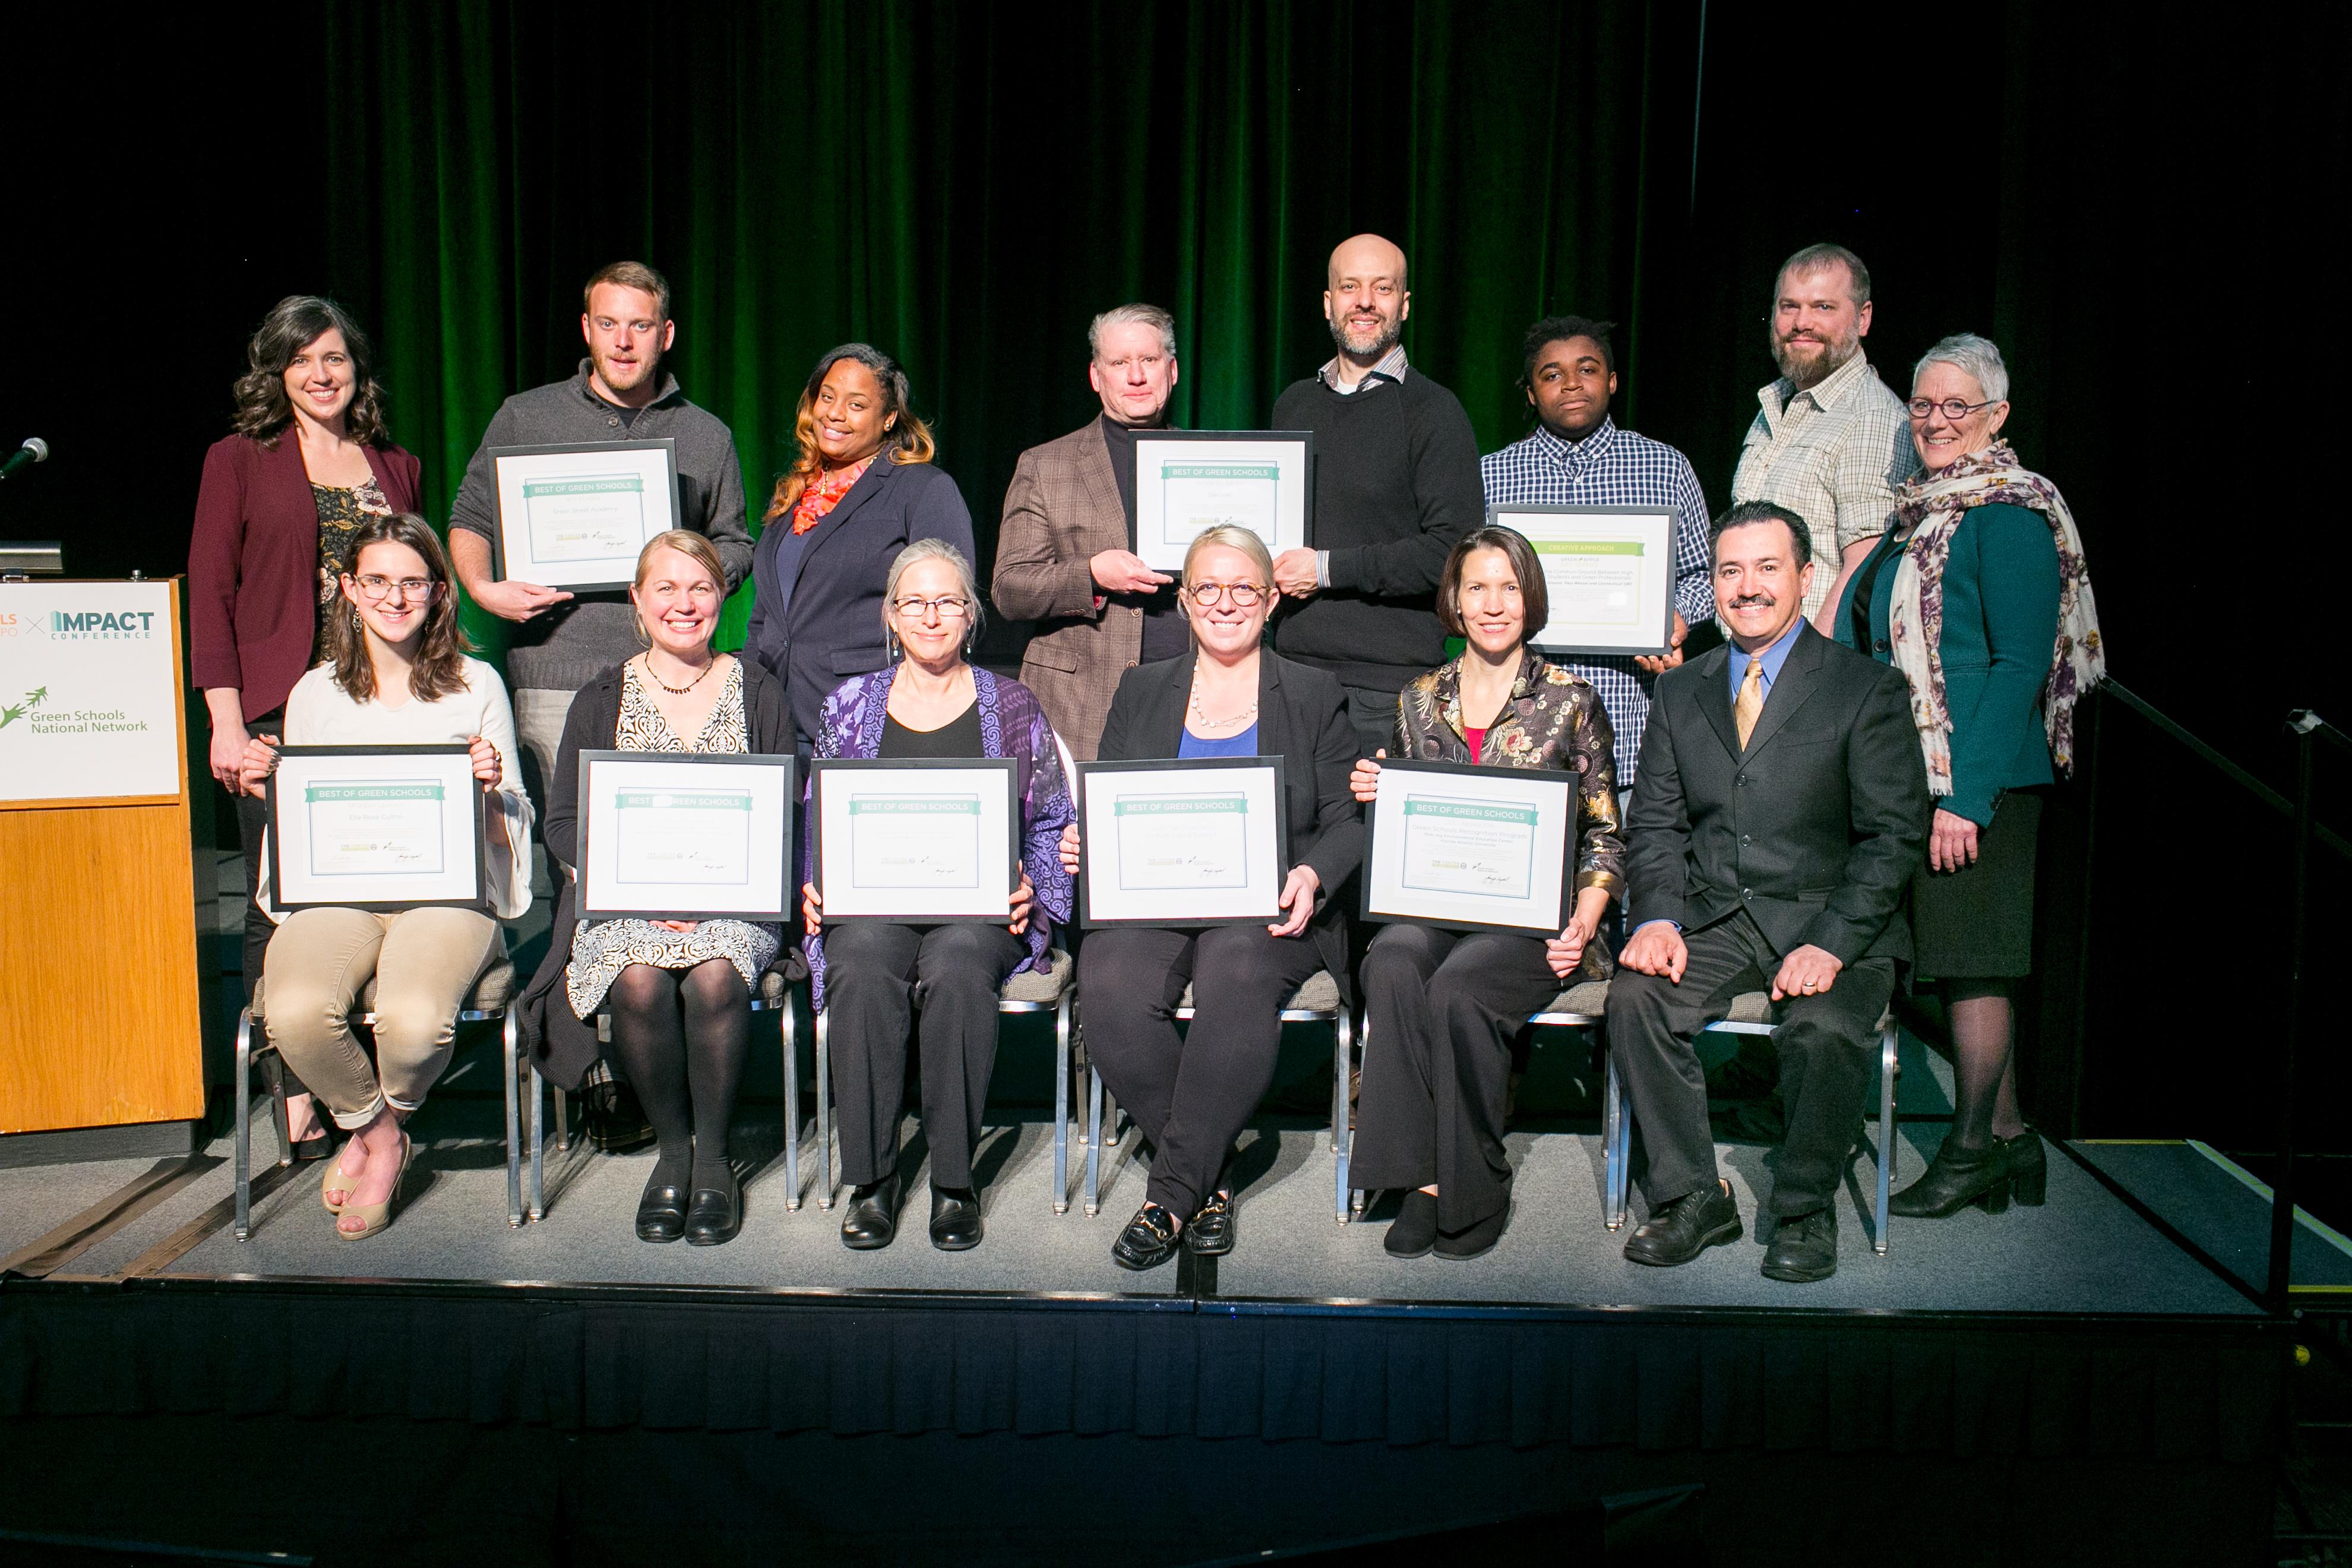 2019 Best of Green Schools awards